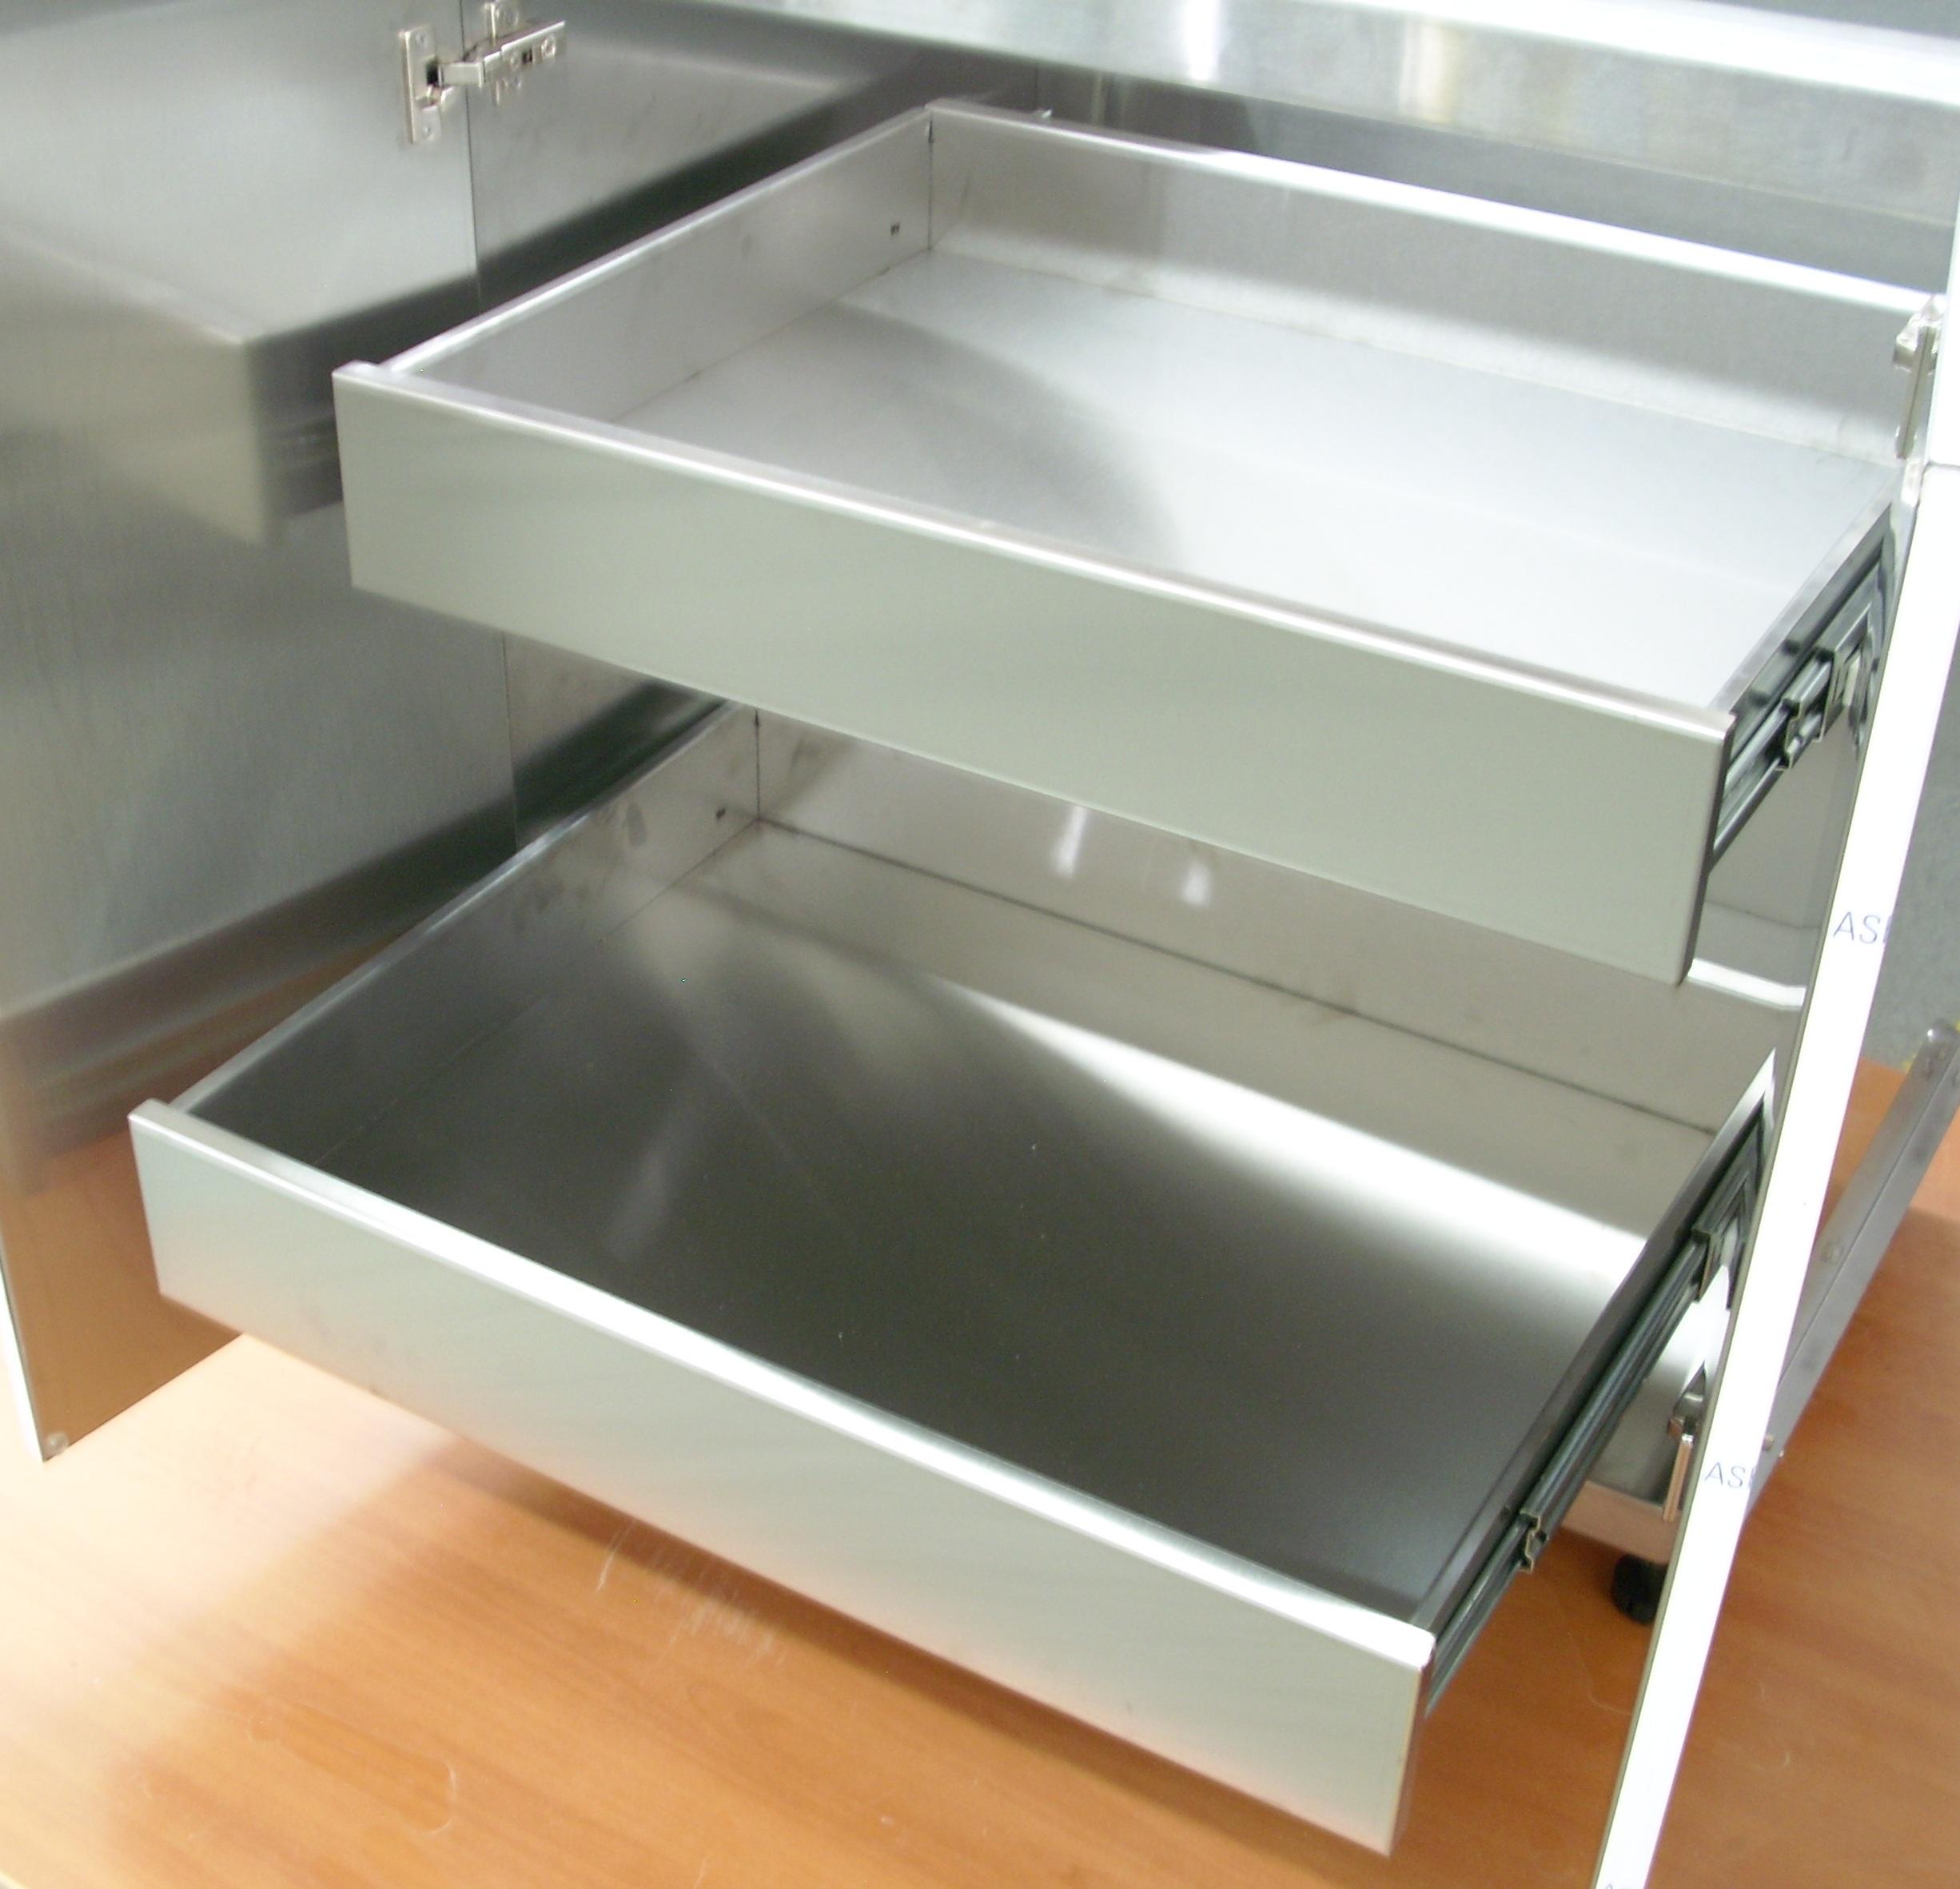 Stainless Steel Countertops And Cabinet Doors Steelkitchen